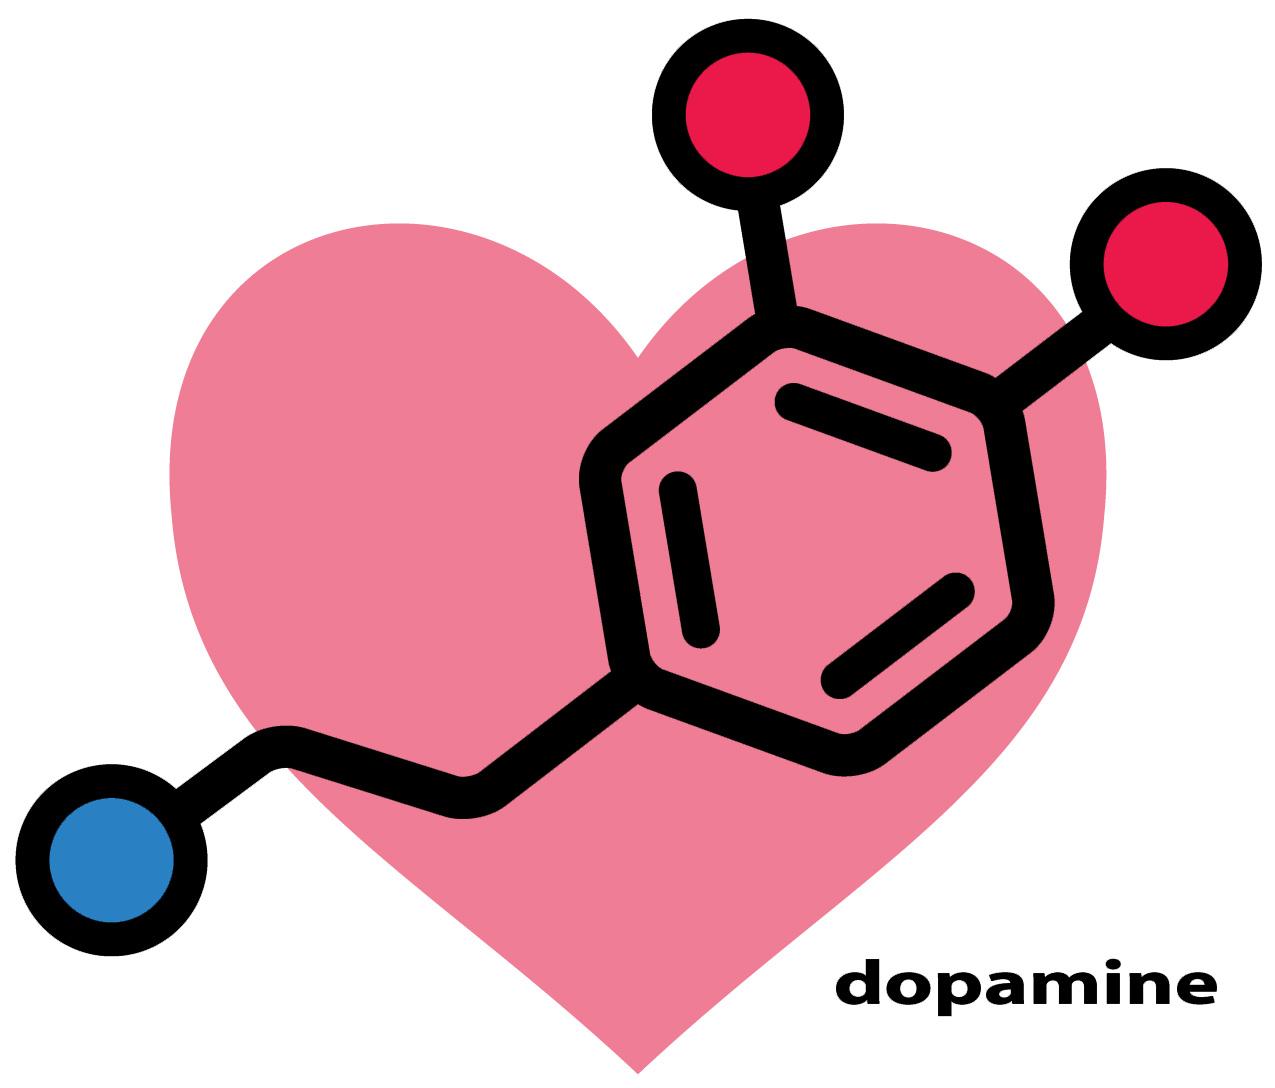 dopamine will you be my valentine